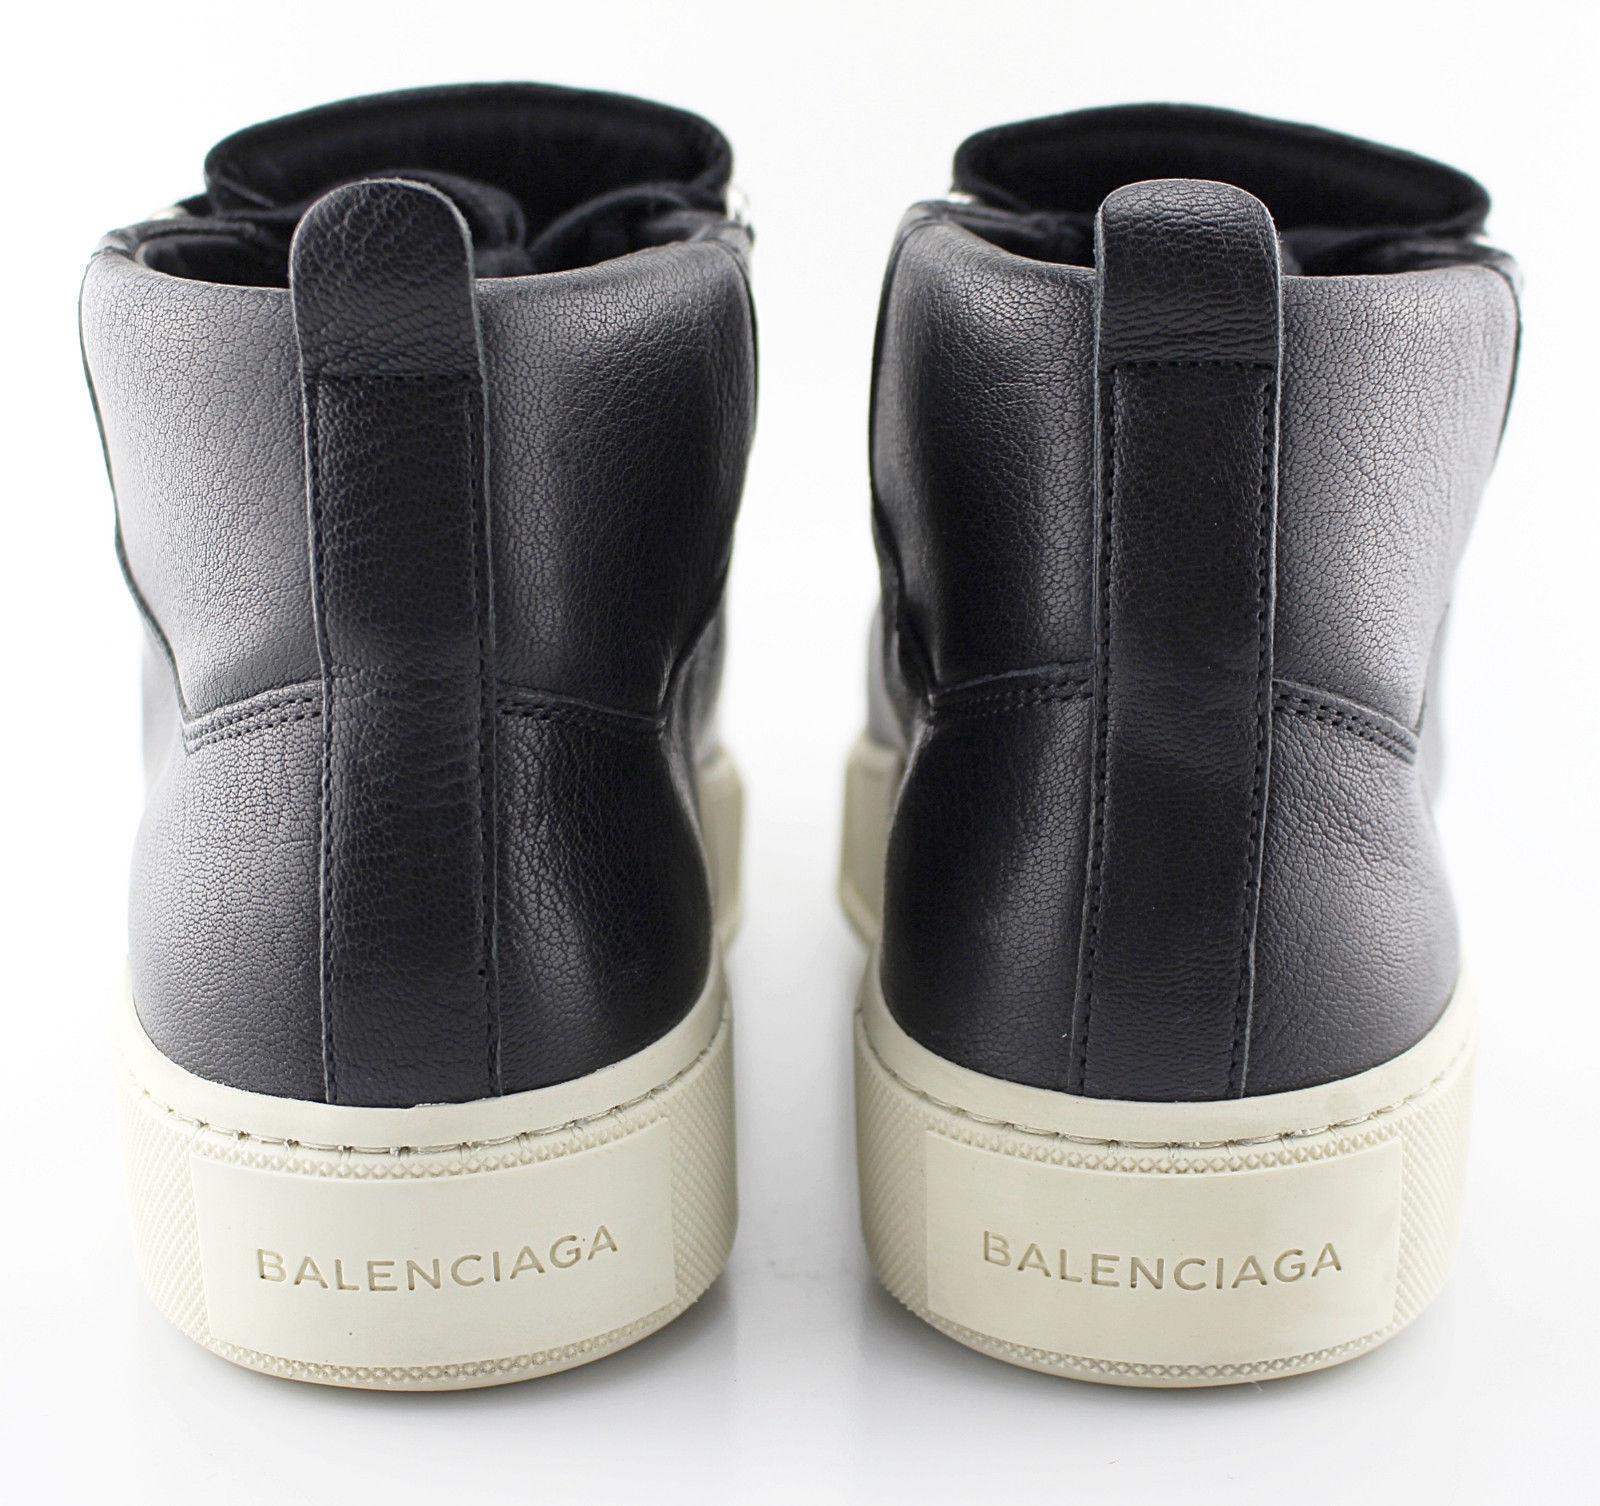 P-De Hombre Cuero Negro Negro Negro BALENCIAGA 'Arena' Zapatillas tamaño nos 8 EUR 41 d4e762